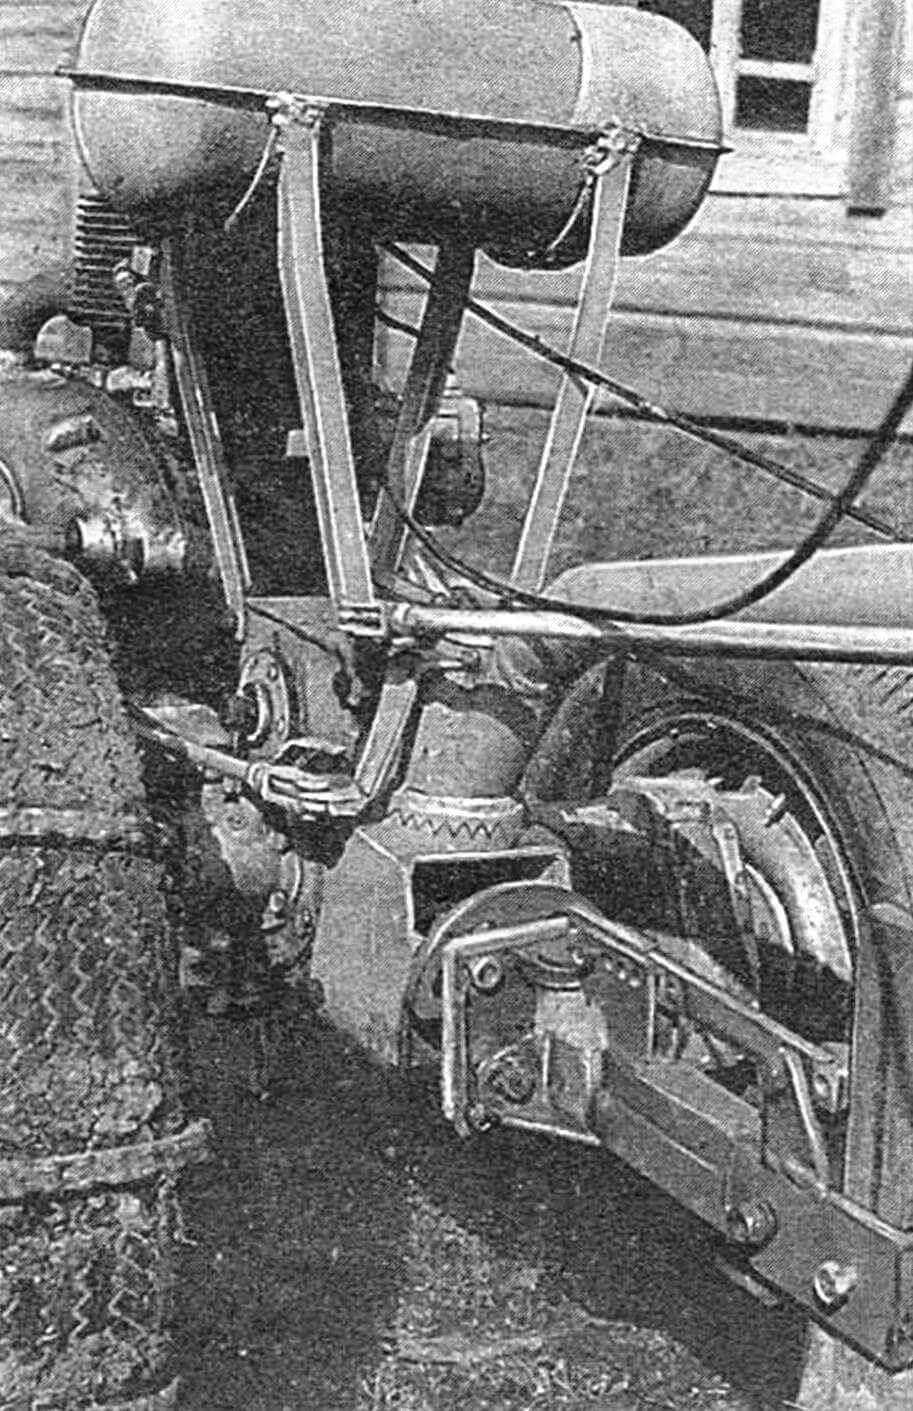 Вид сзади на механизм прицепного устройства и крепления рулевого управления.